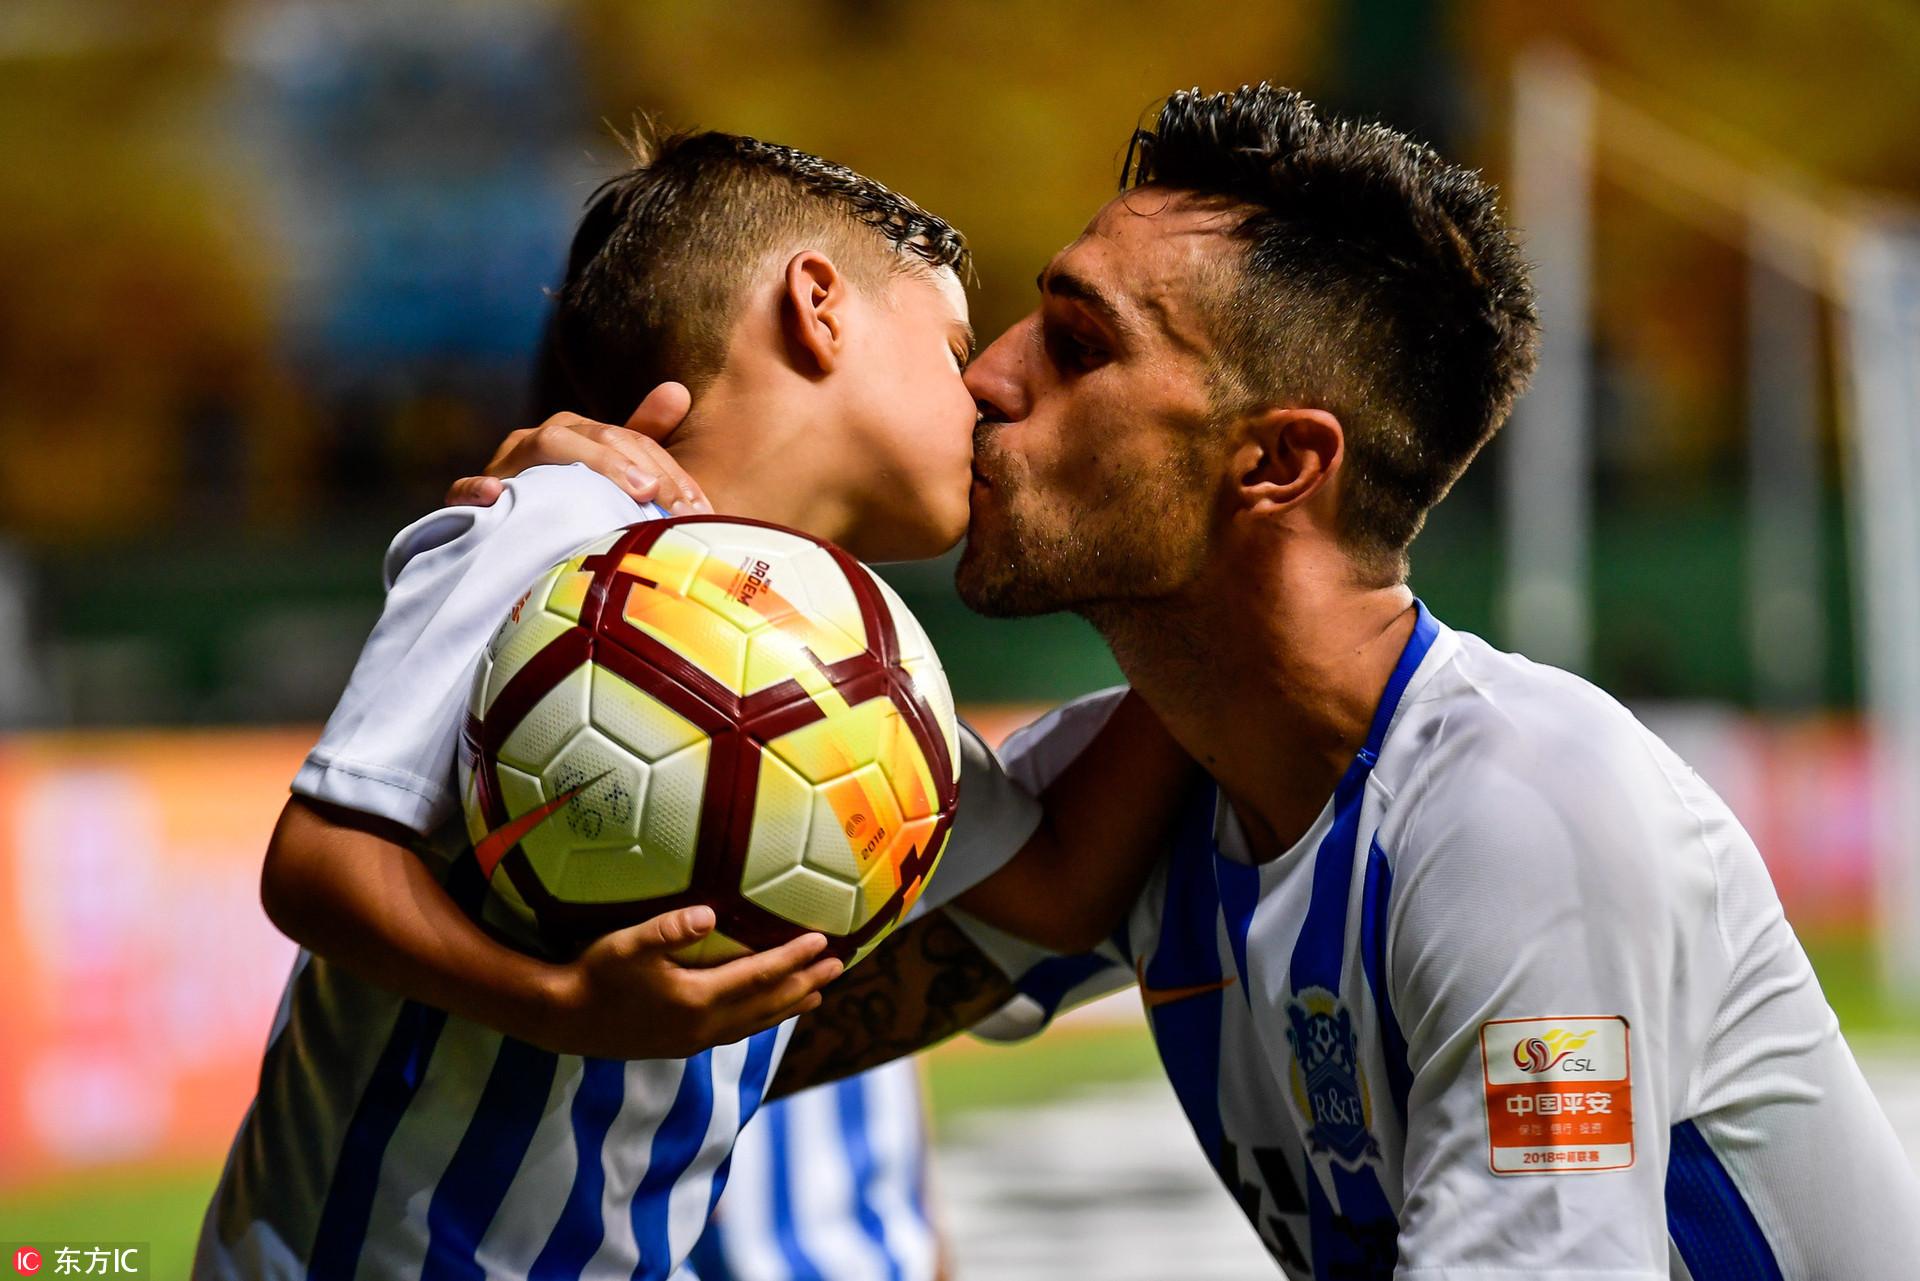 高清:扎哈维爱子球风凶悍 与父亲赛场内拥吻